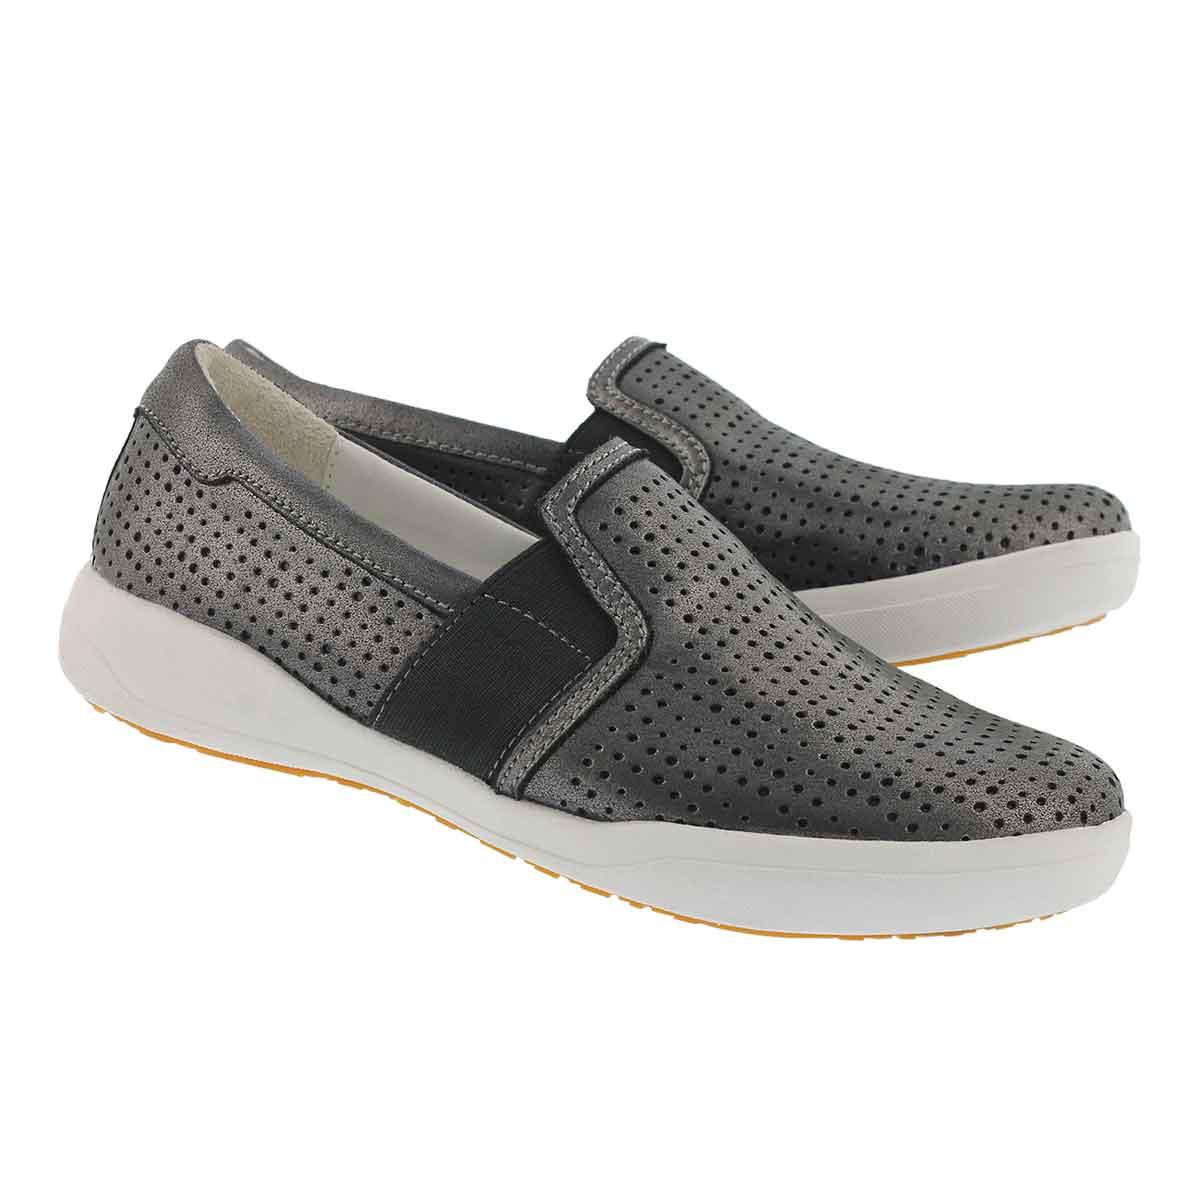 Lds Sina 33 basalt slip on shoe